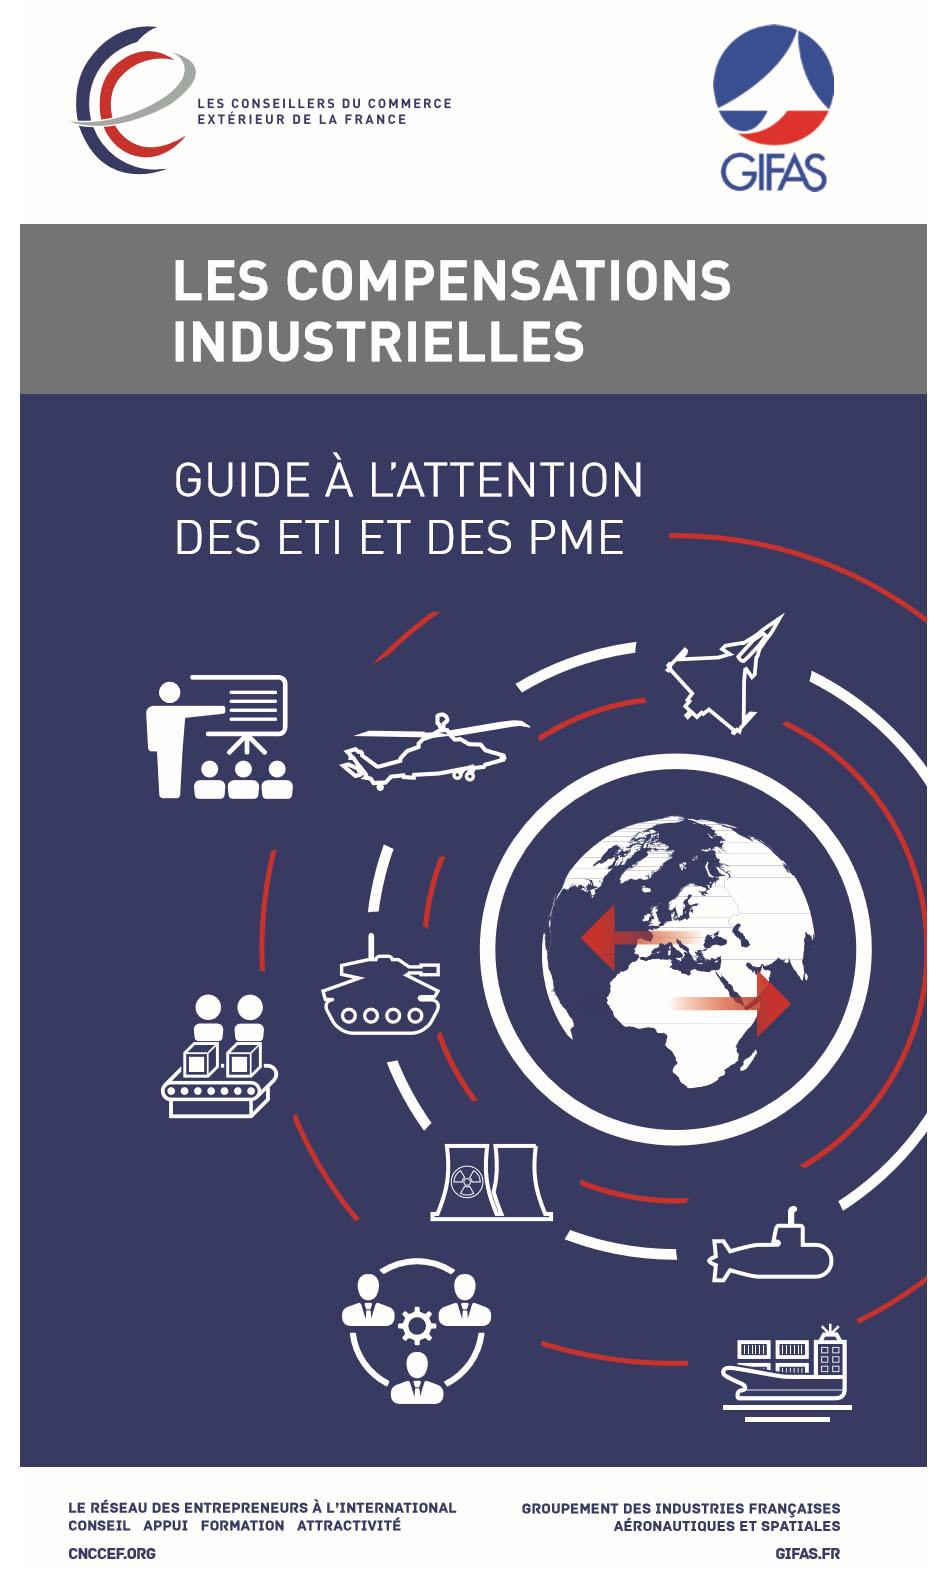 Les compensations industrielles - Guide à l'attention des ETI et PME